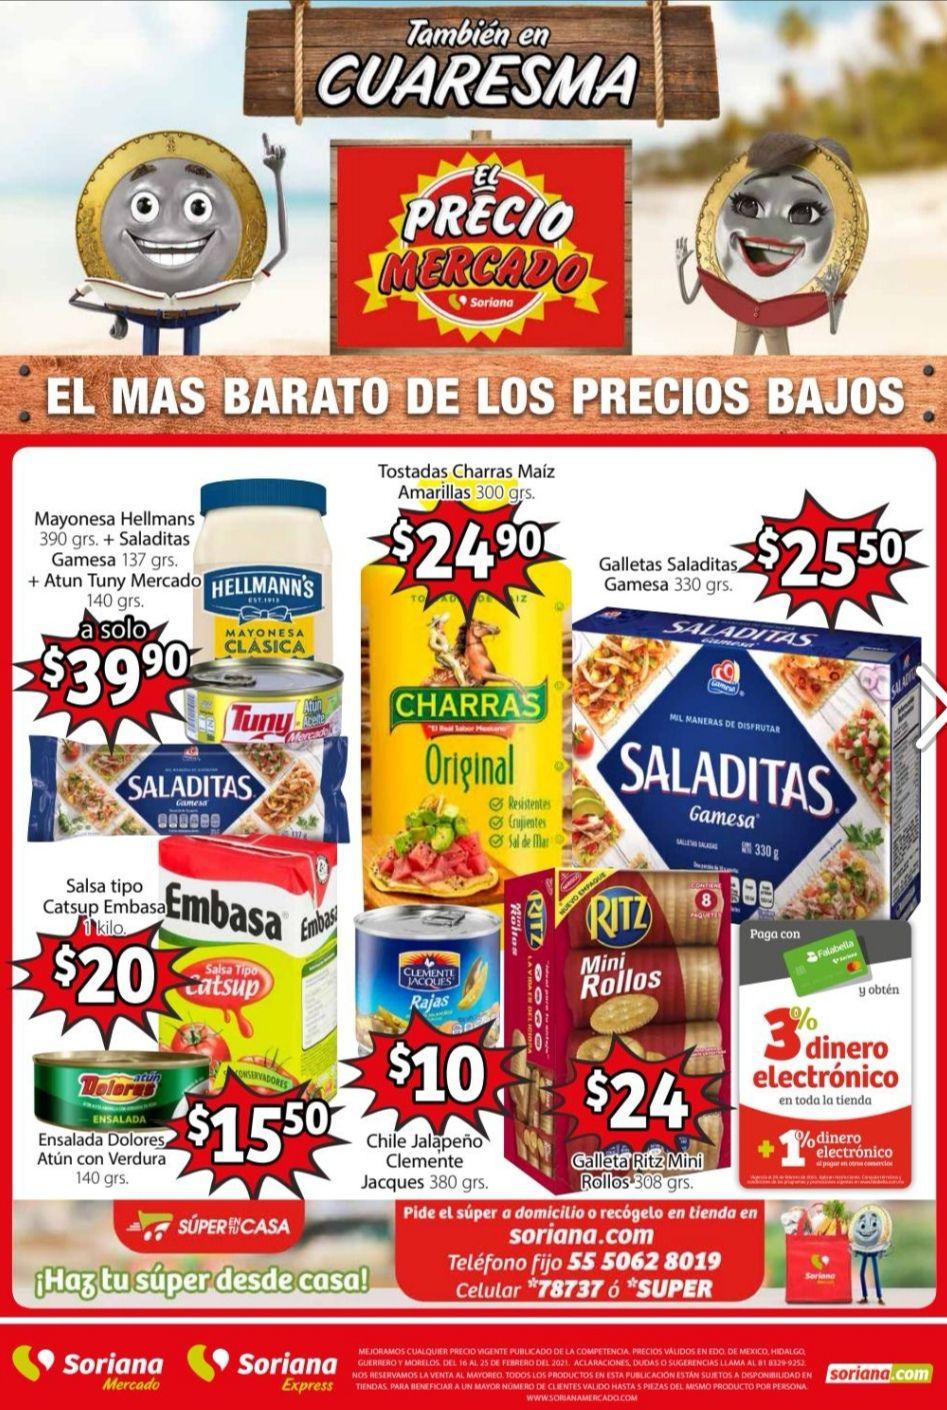 Soriana Mercado y Express: Folleto de Ofertas al Jueves 25 de Febrero